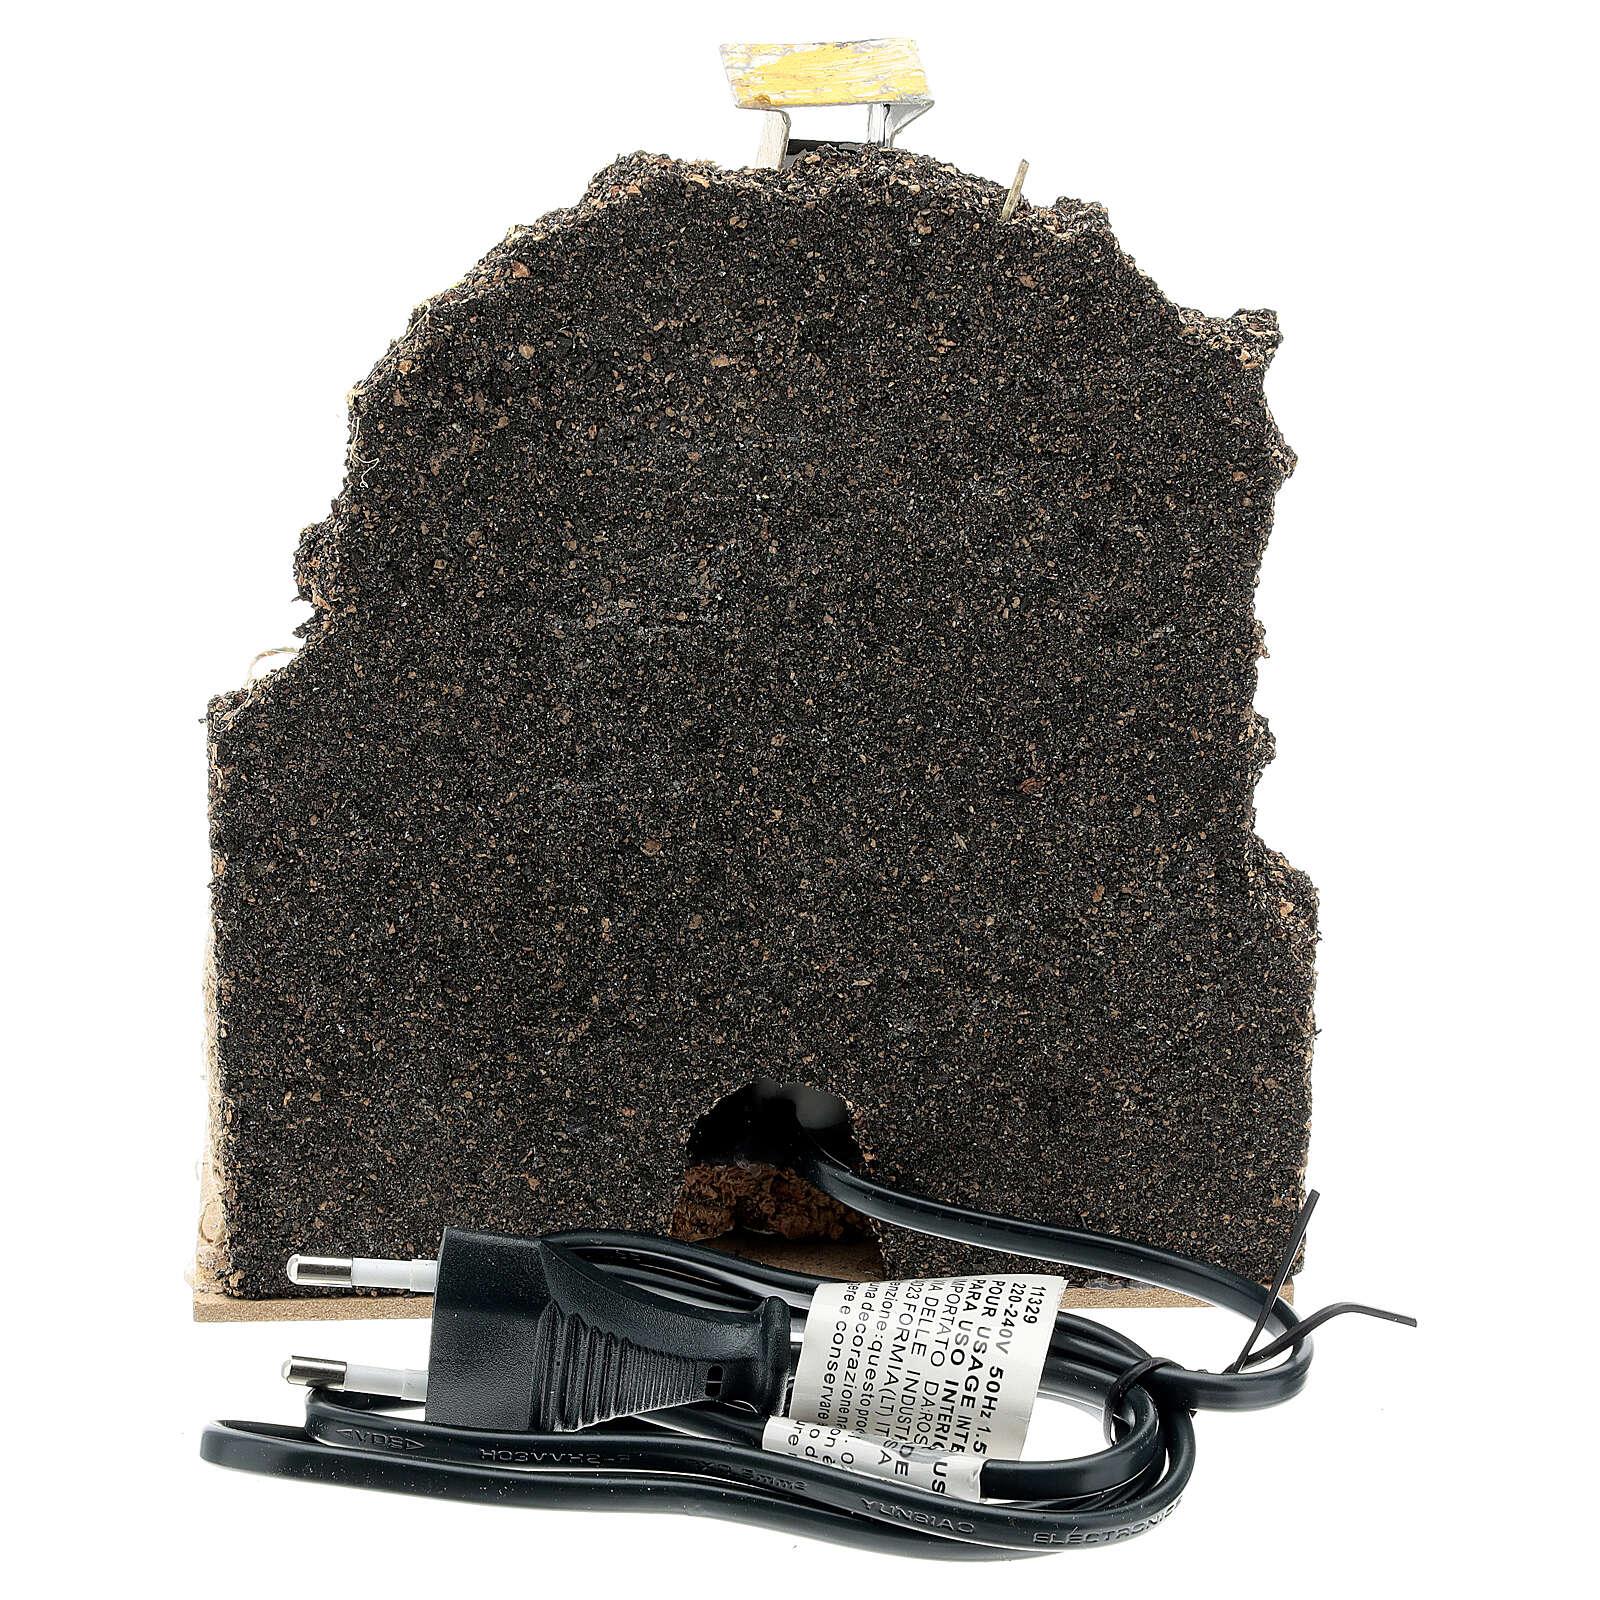 Four bois maçonnerie ampoule effet flamme 15x15x10 cm crèche 12-14 cm 4